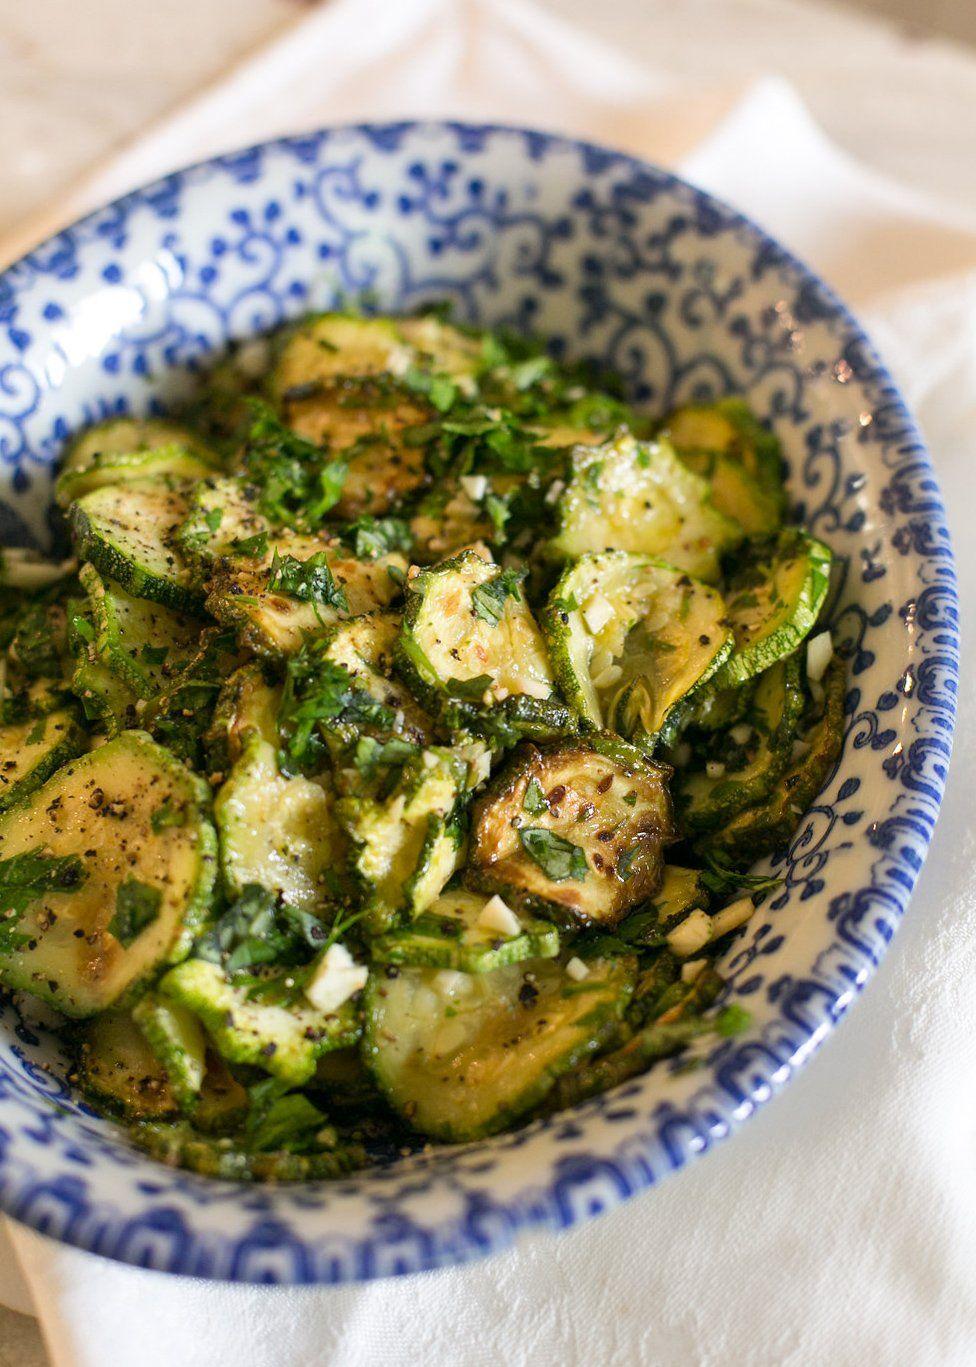 Garlic-Marinated Zucchini